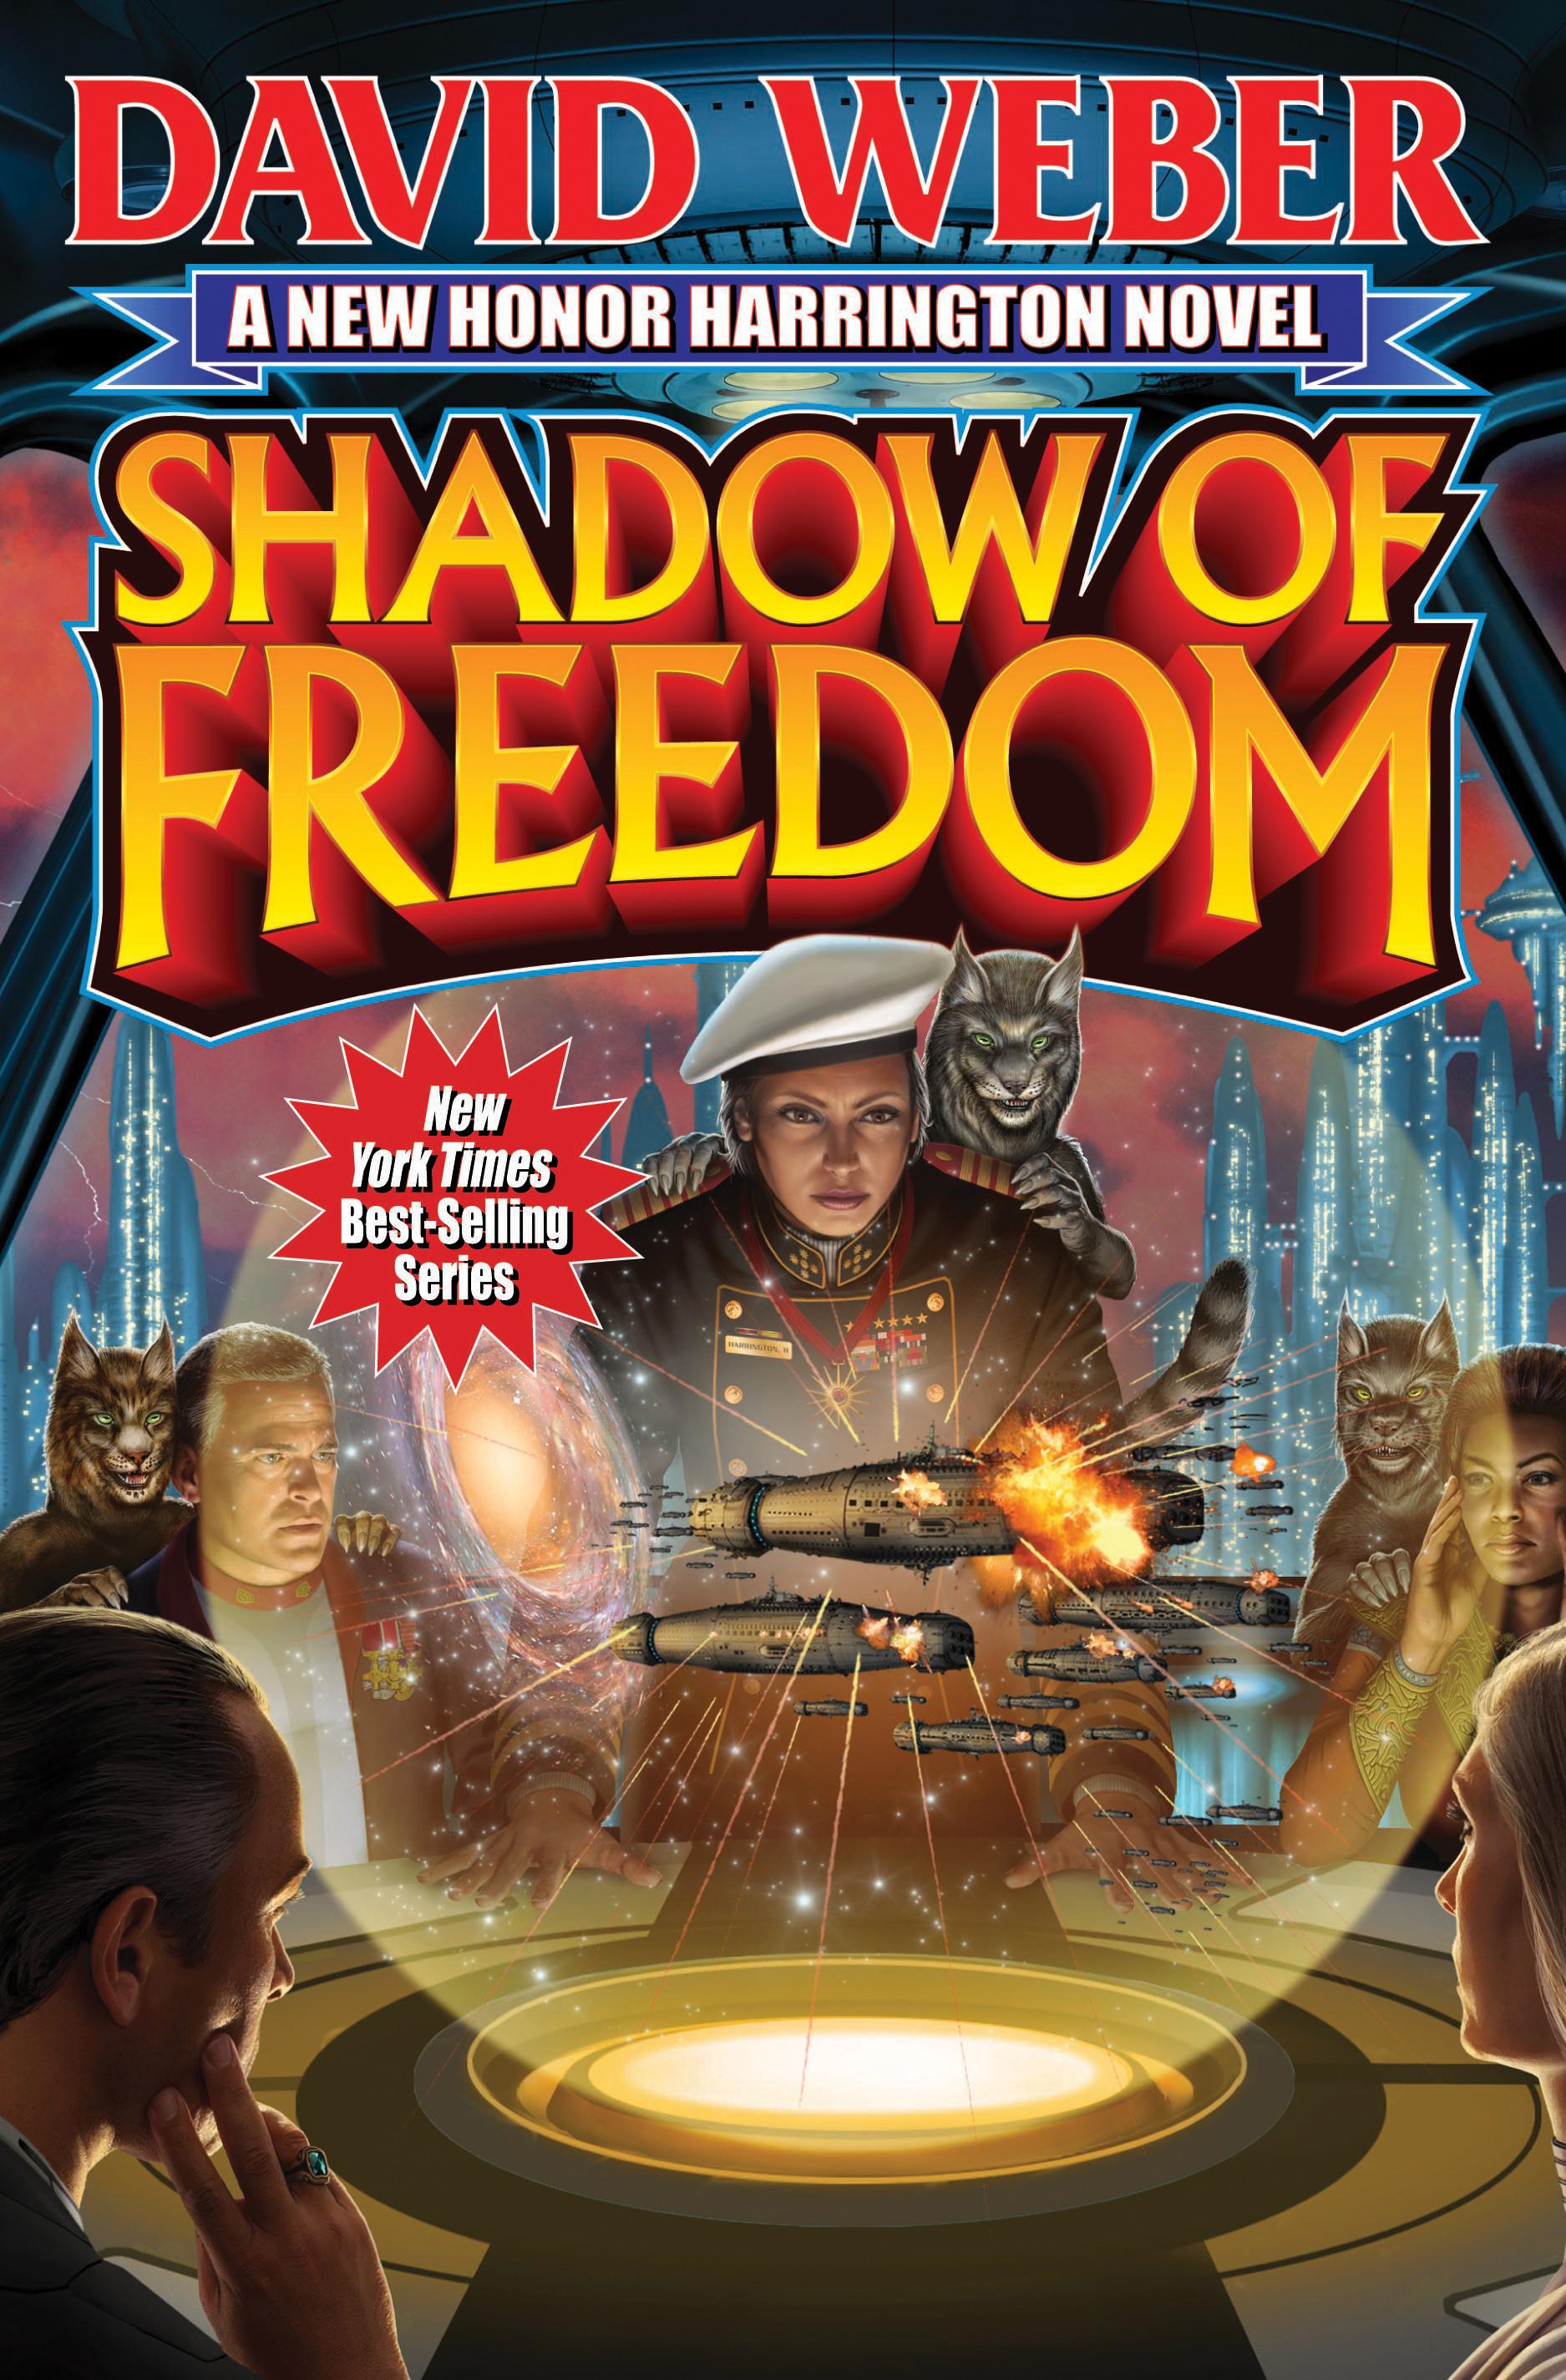 Shadow of freedom 9781476736280 hr